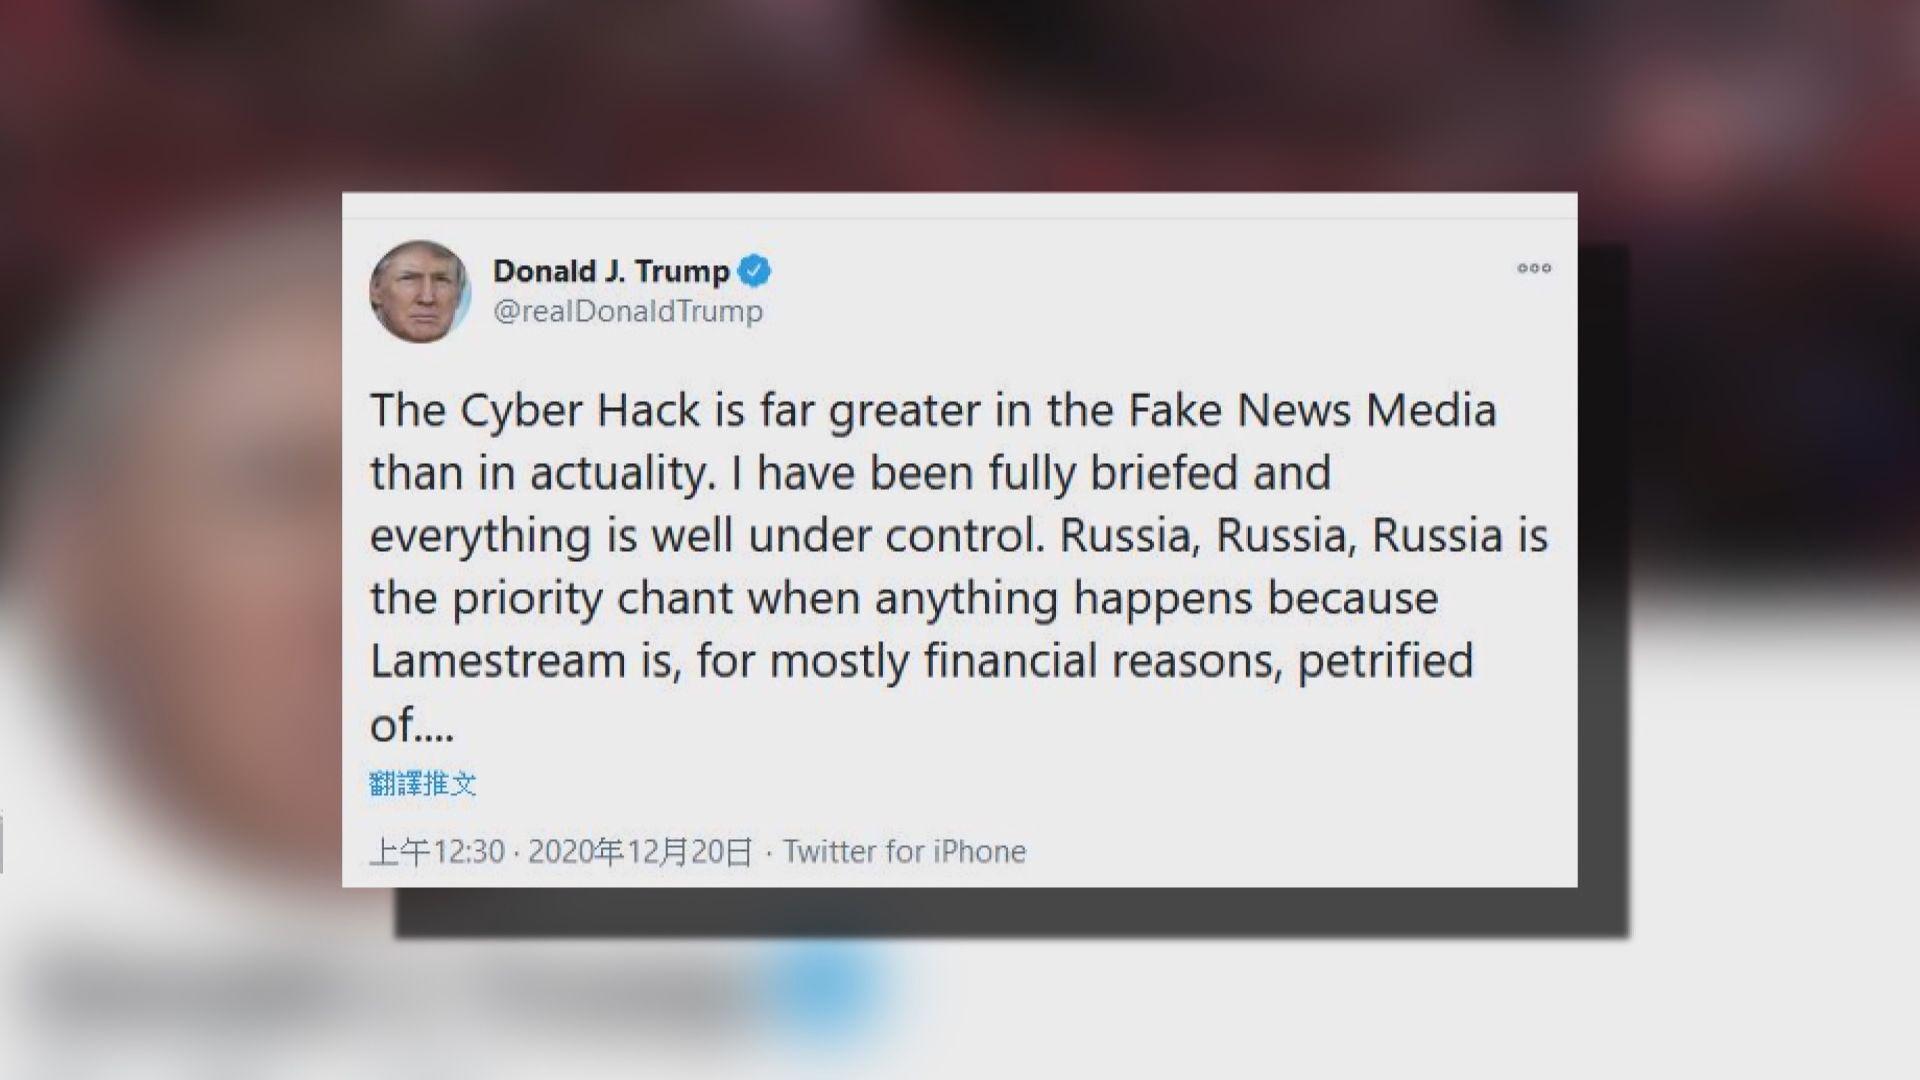 特朗普批主流傳媒誇大黑客攻擊情況